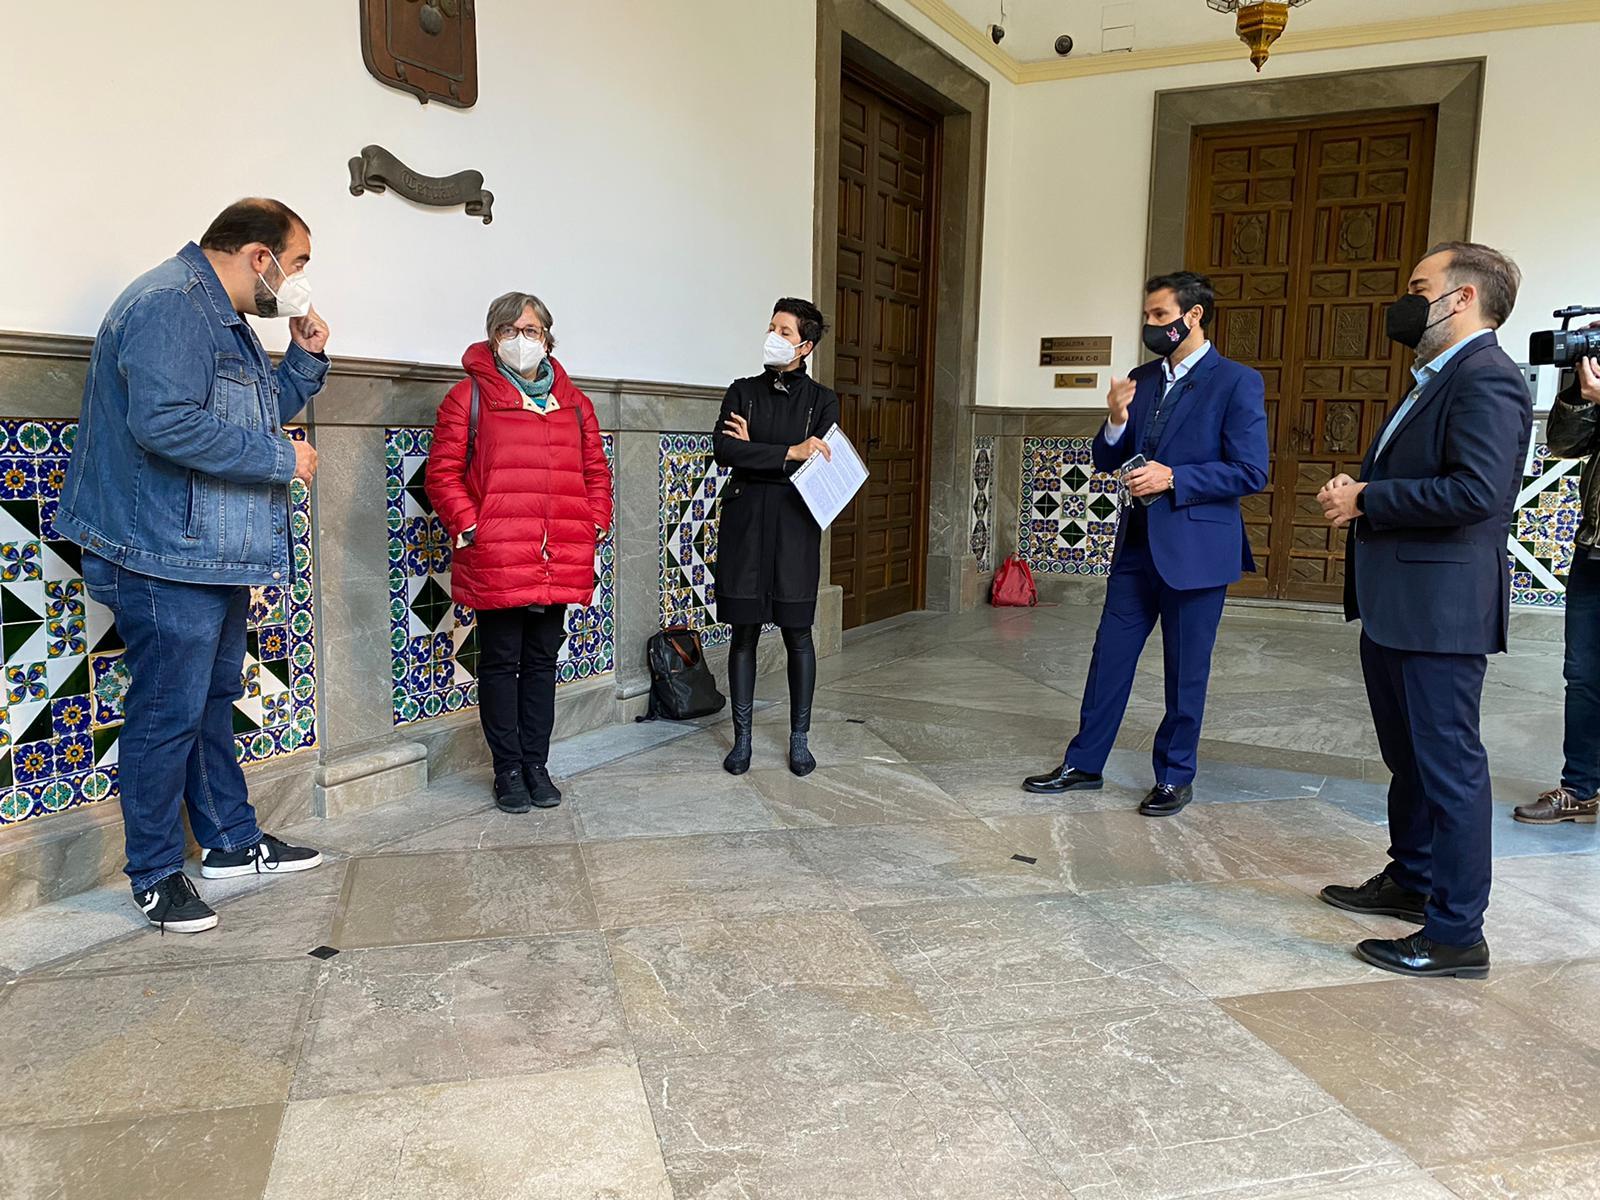 Muestran el rechazo al cambio de los estatutos de la Fundación Granada Educa que evitan la participación